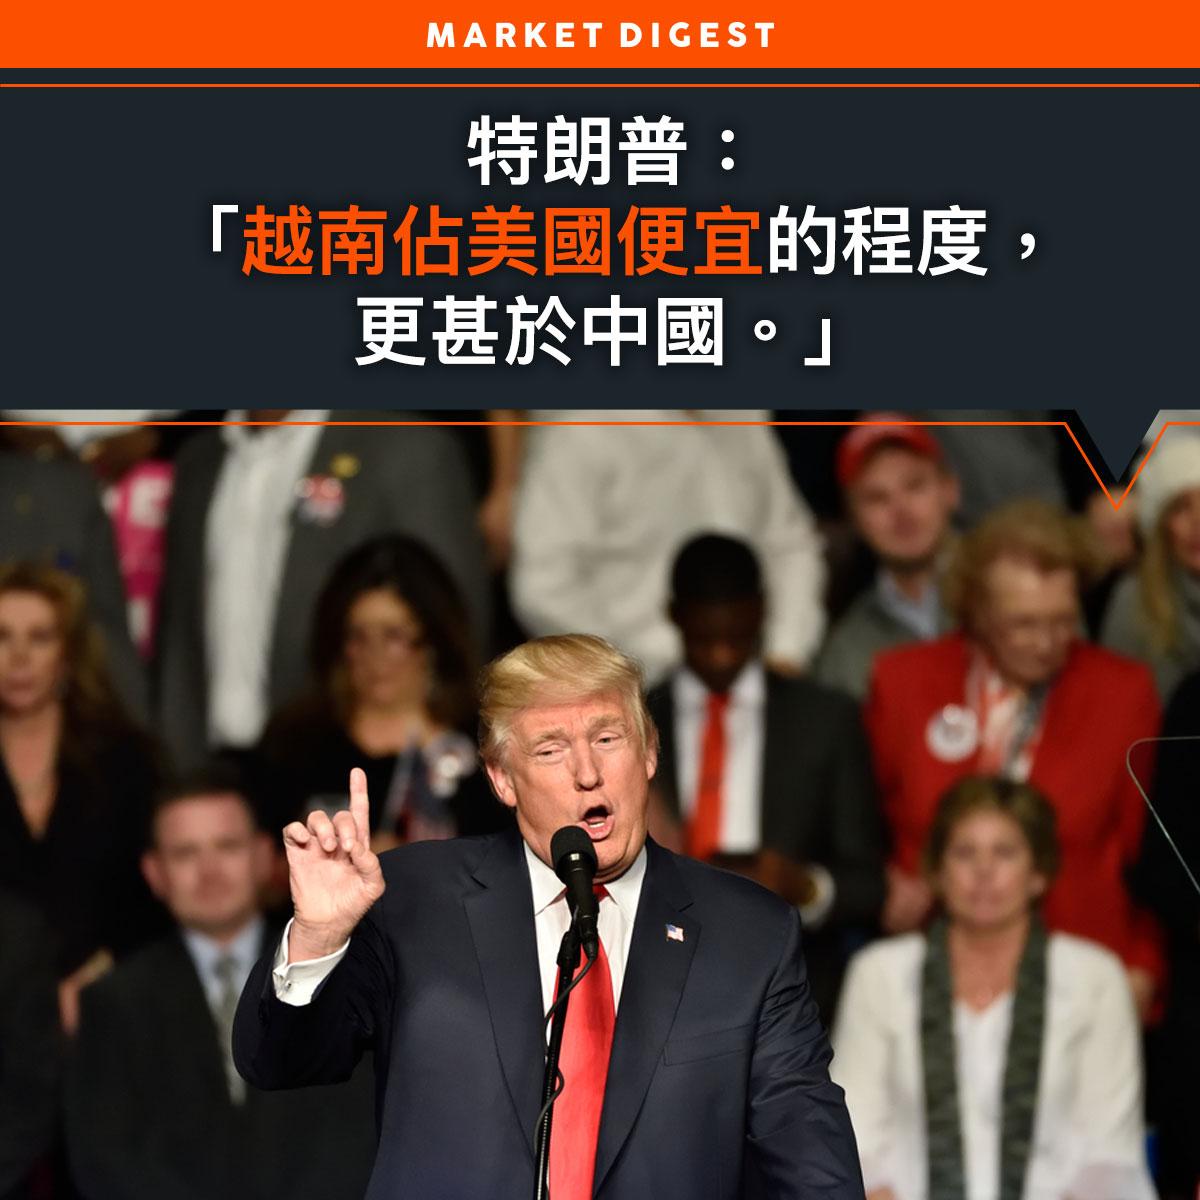 特朗普: 「越南佔美國便宜的程度, 更甚於中國。」